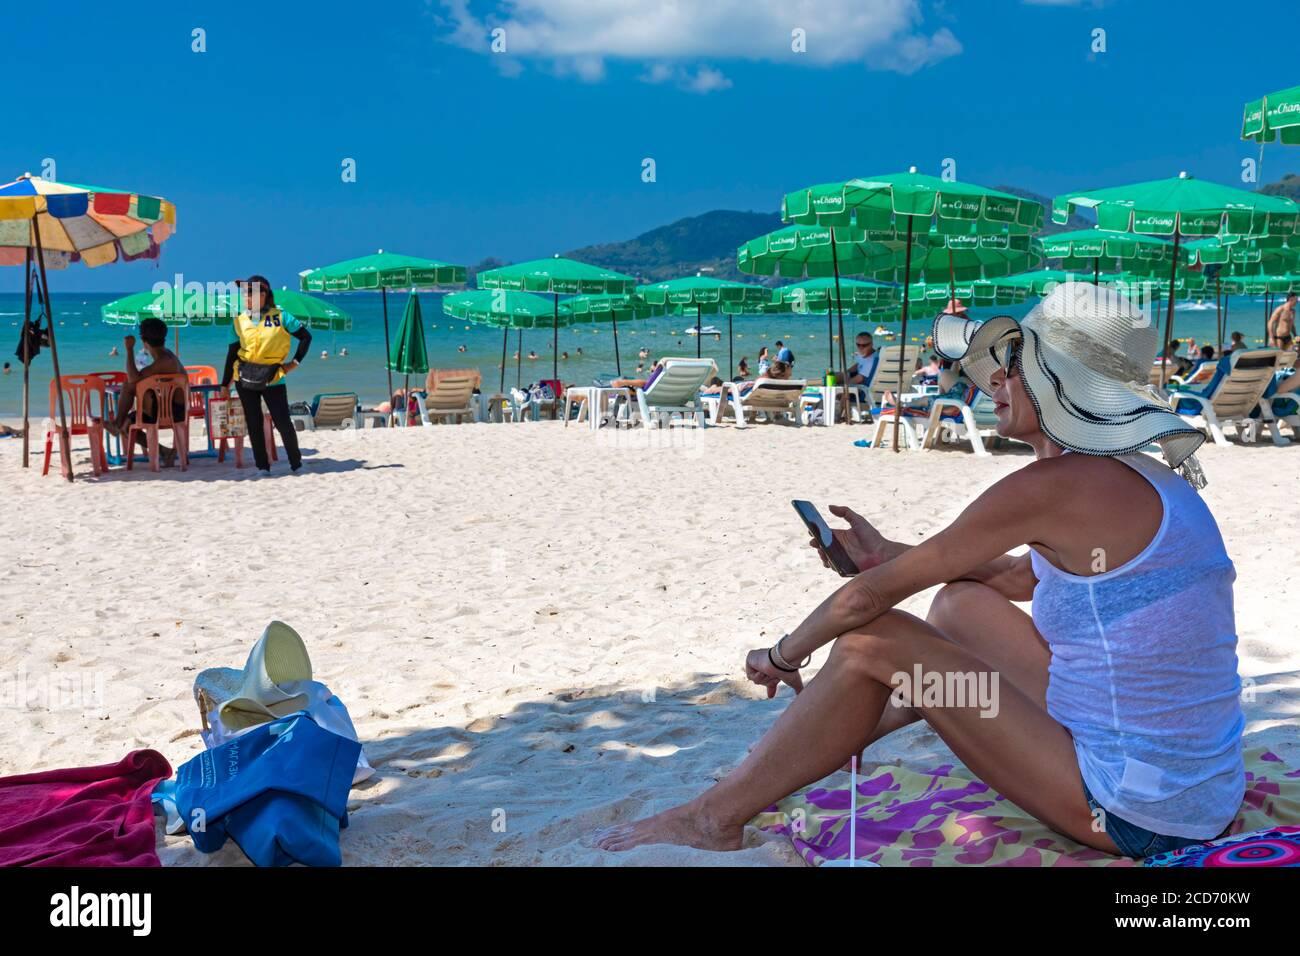 Touriste utilisant le téléphone portable à l'ombre sur la plage, Patong, Phuket, Thaïlande Banque D'Images